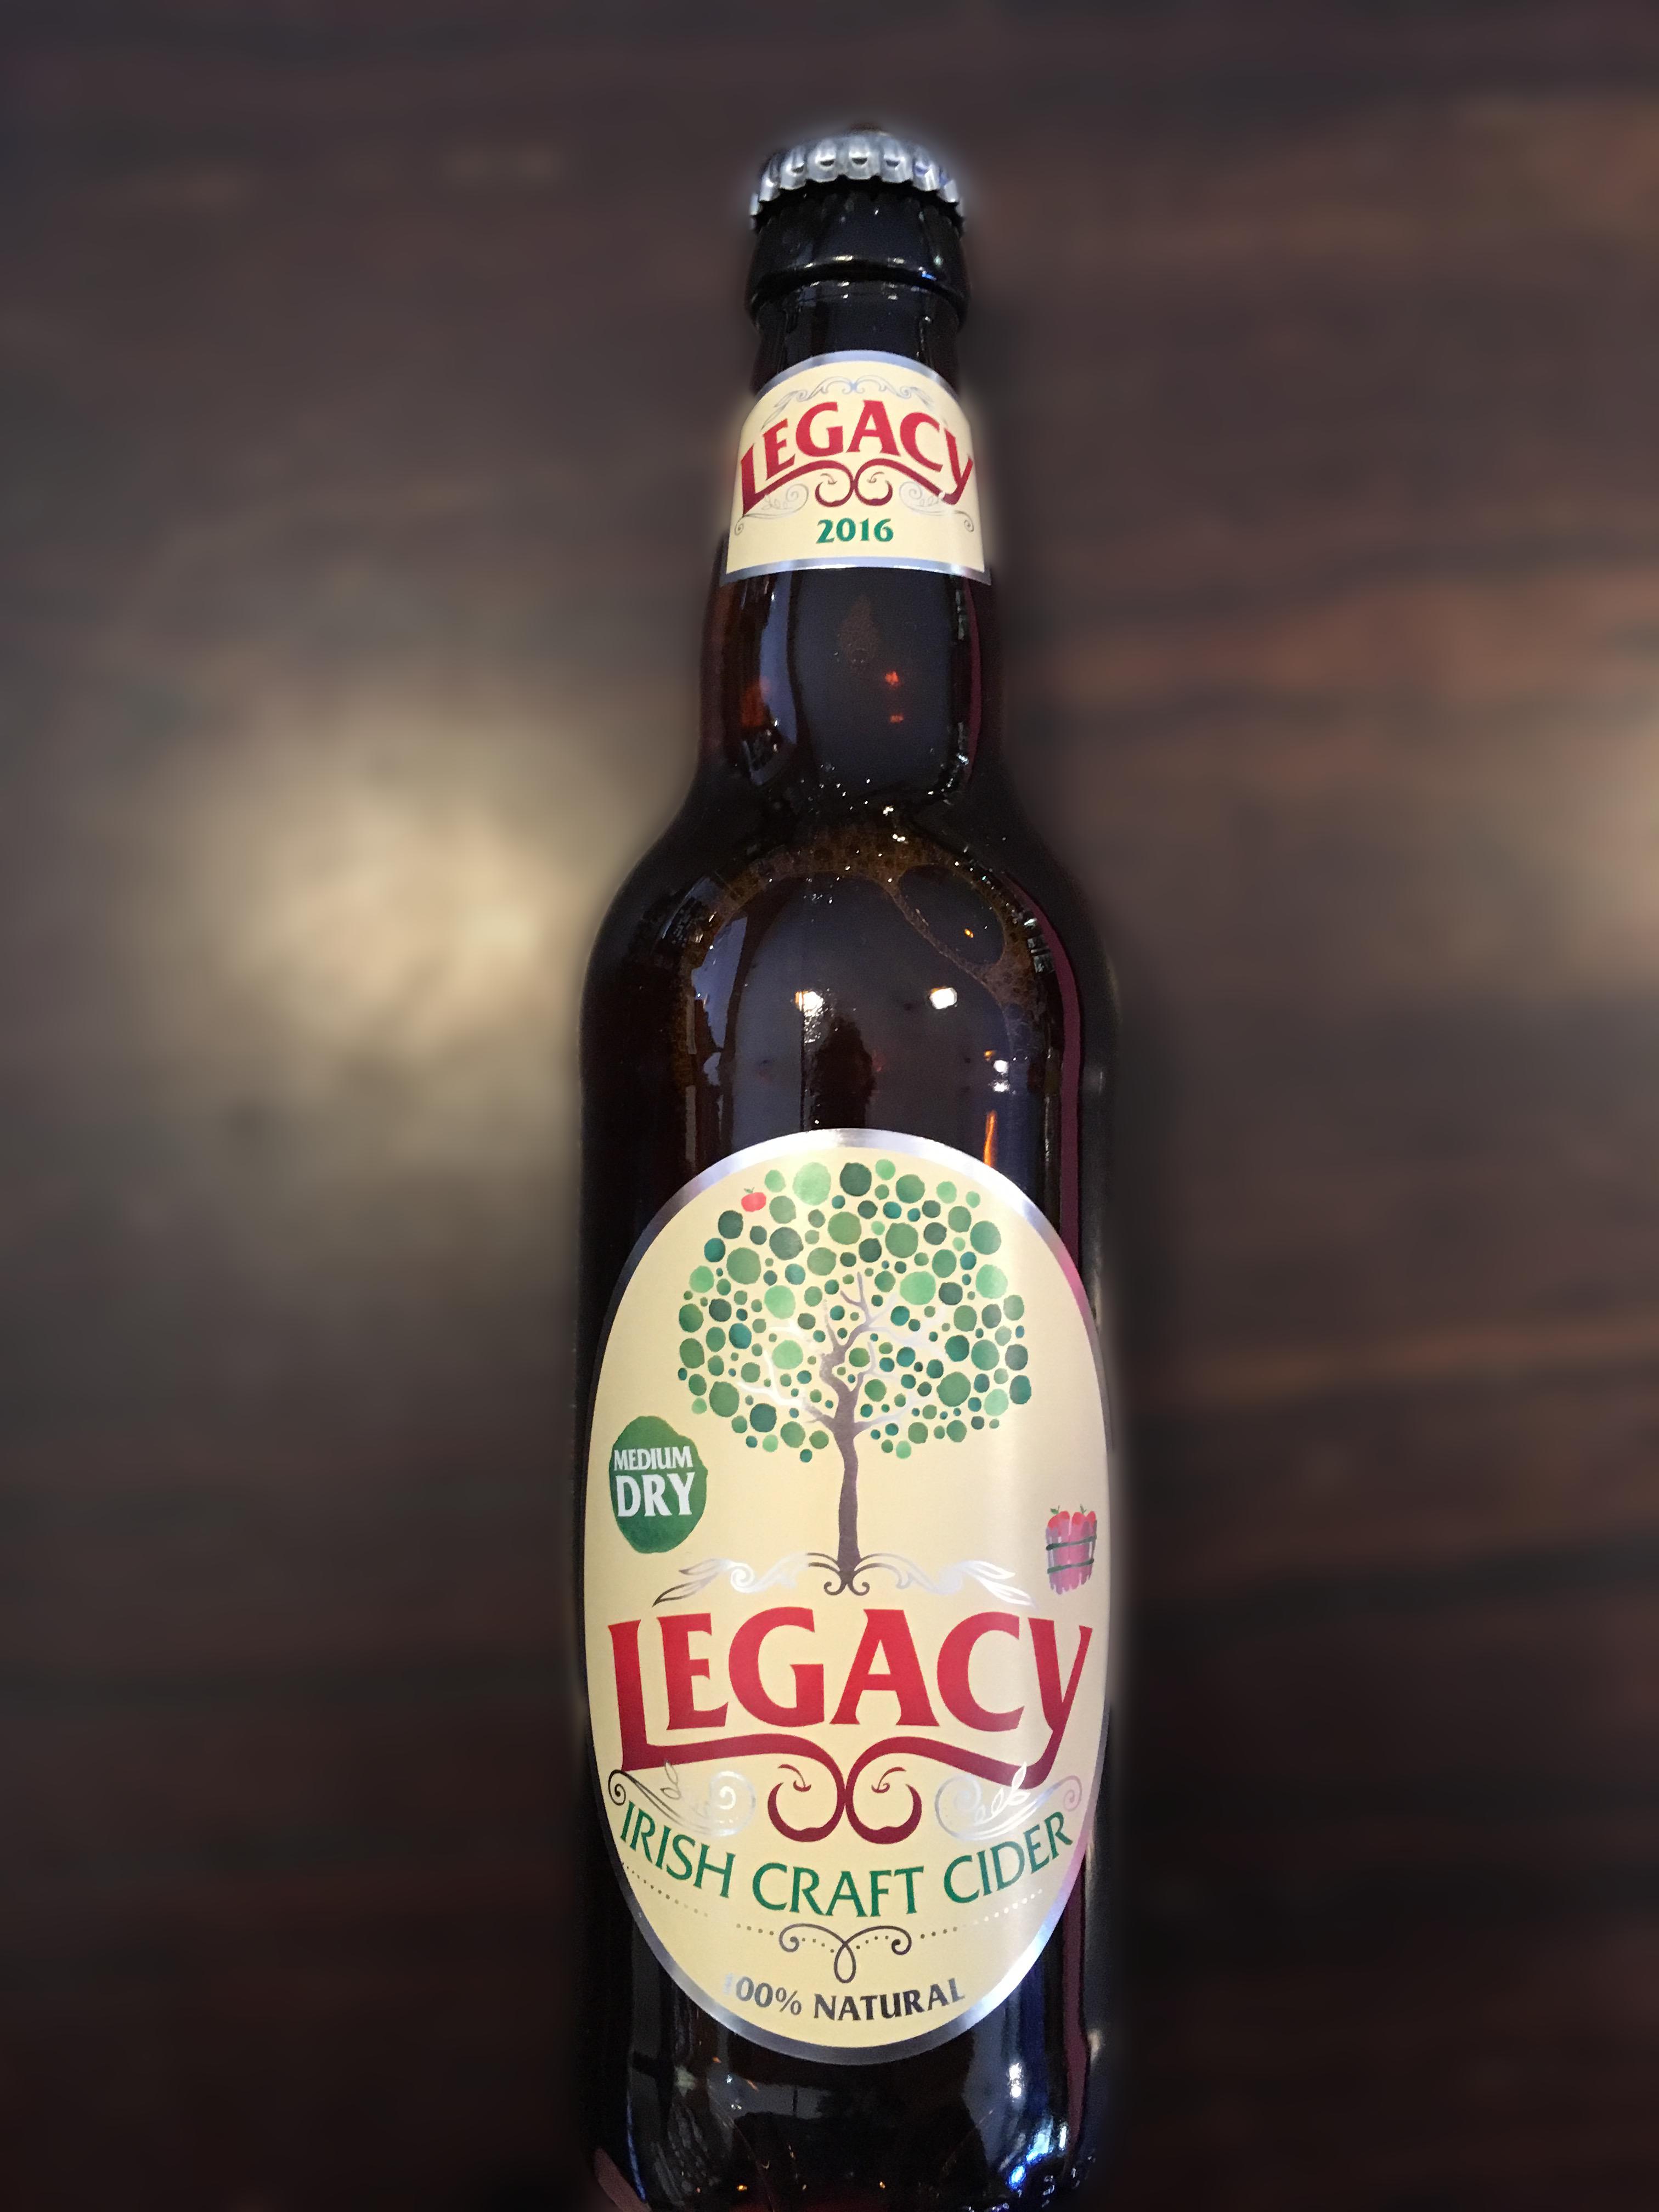 Legacy Irish Cider